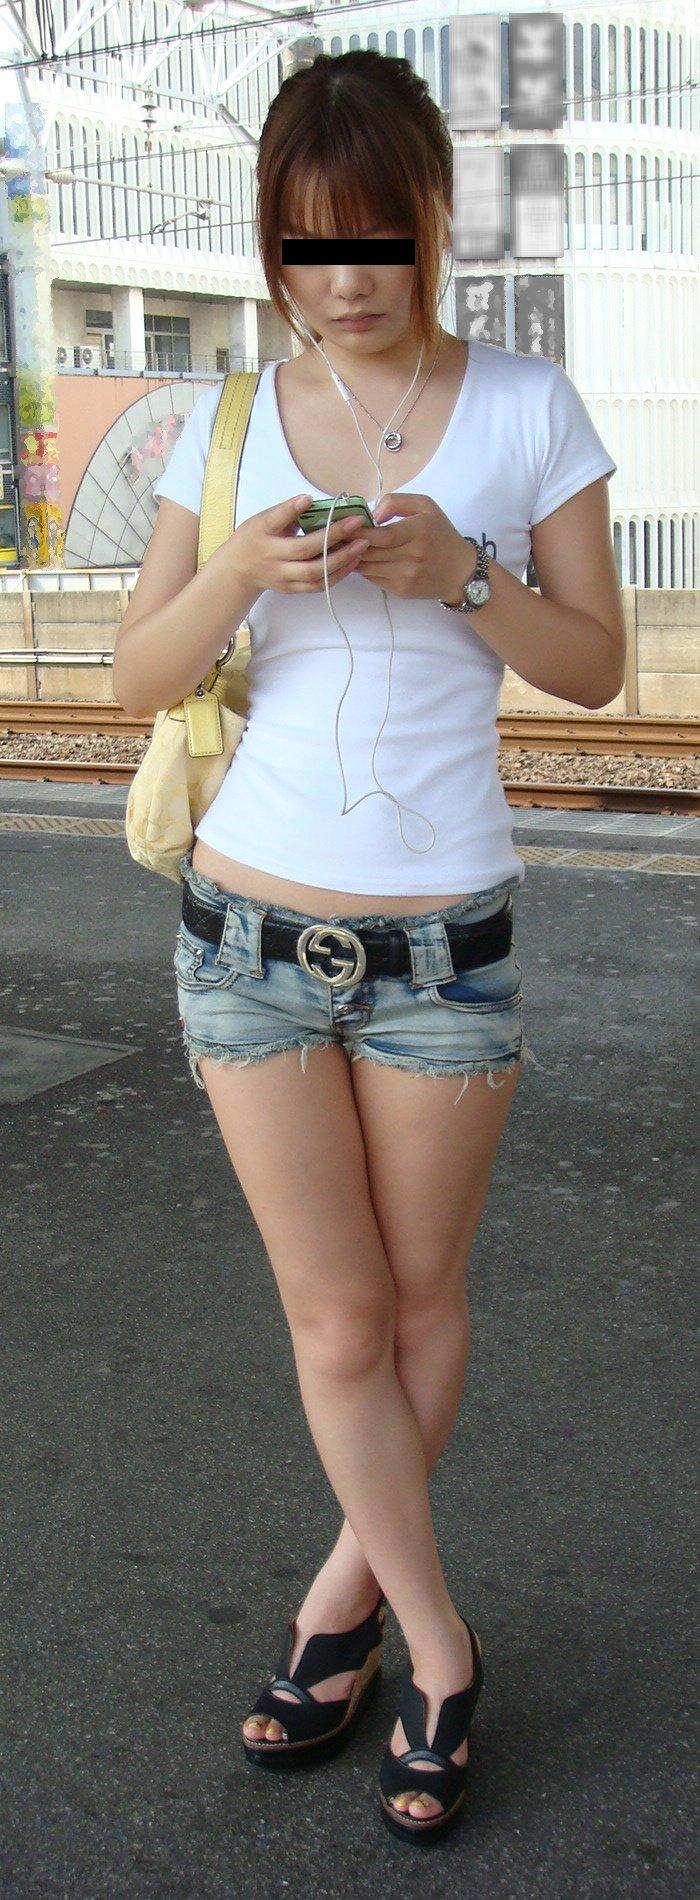 【ホットパンツエロ画像】太もも丸出しのホットパンツの素人娘の画像集めたった! 10